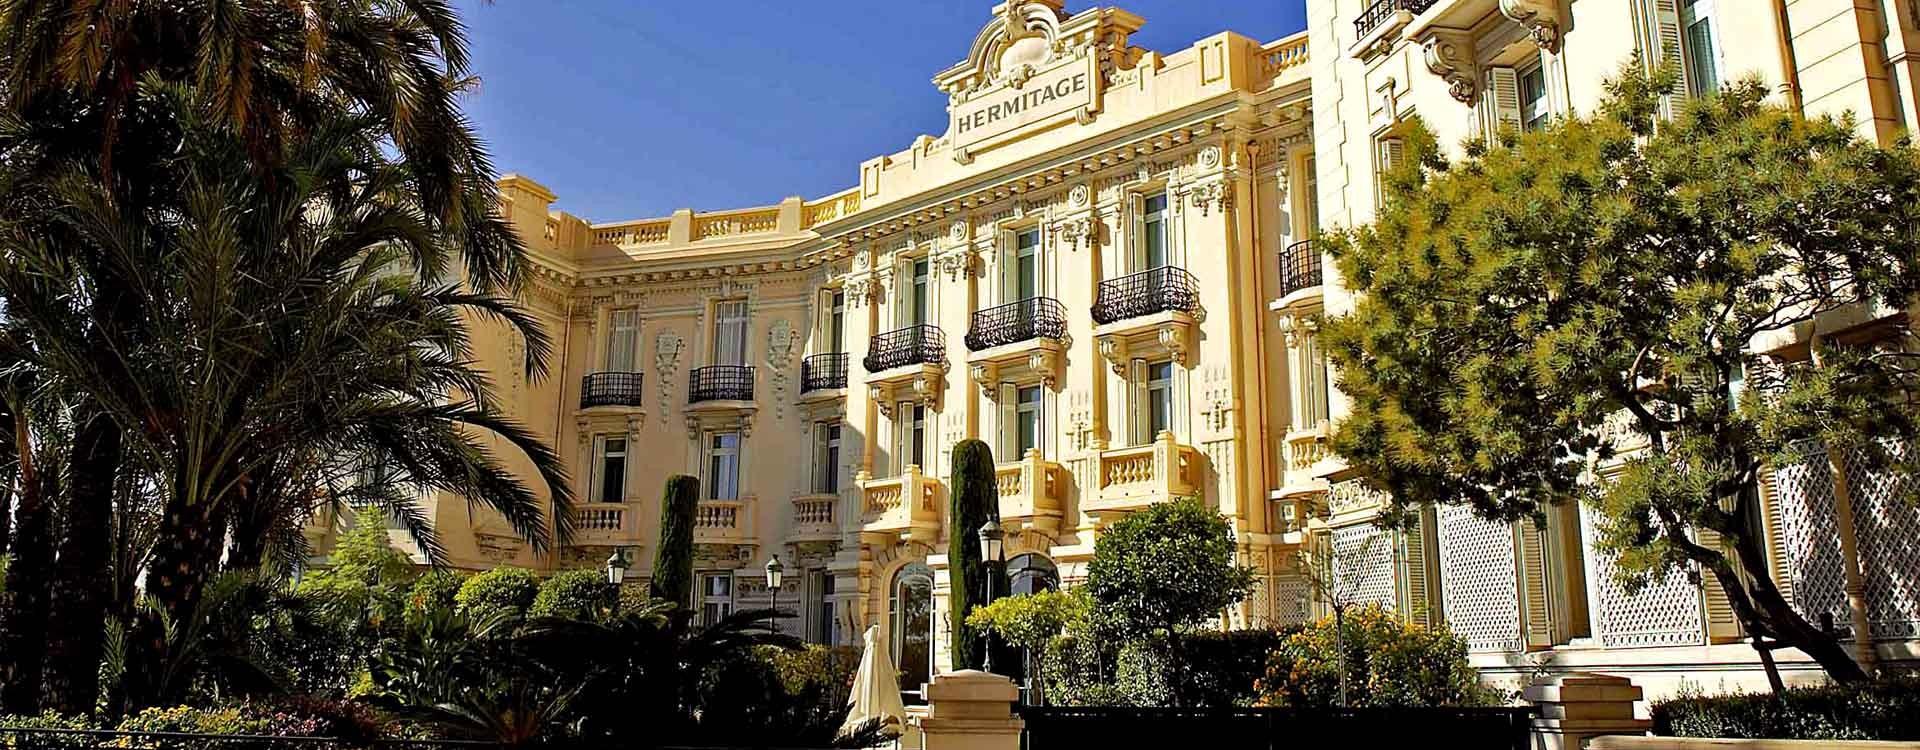 Hermitage в Монте-Карло